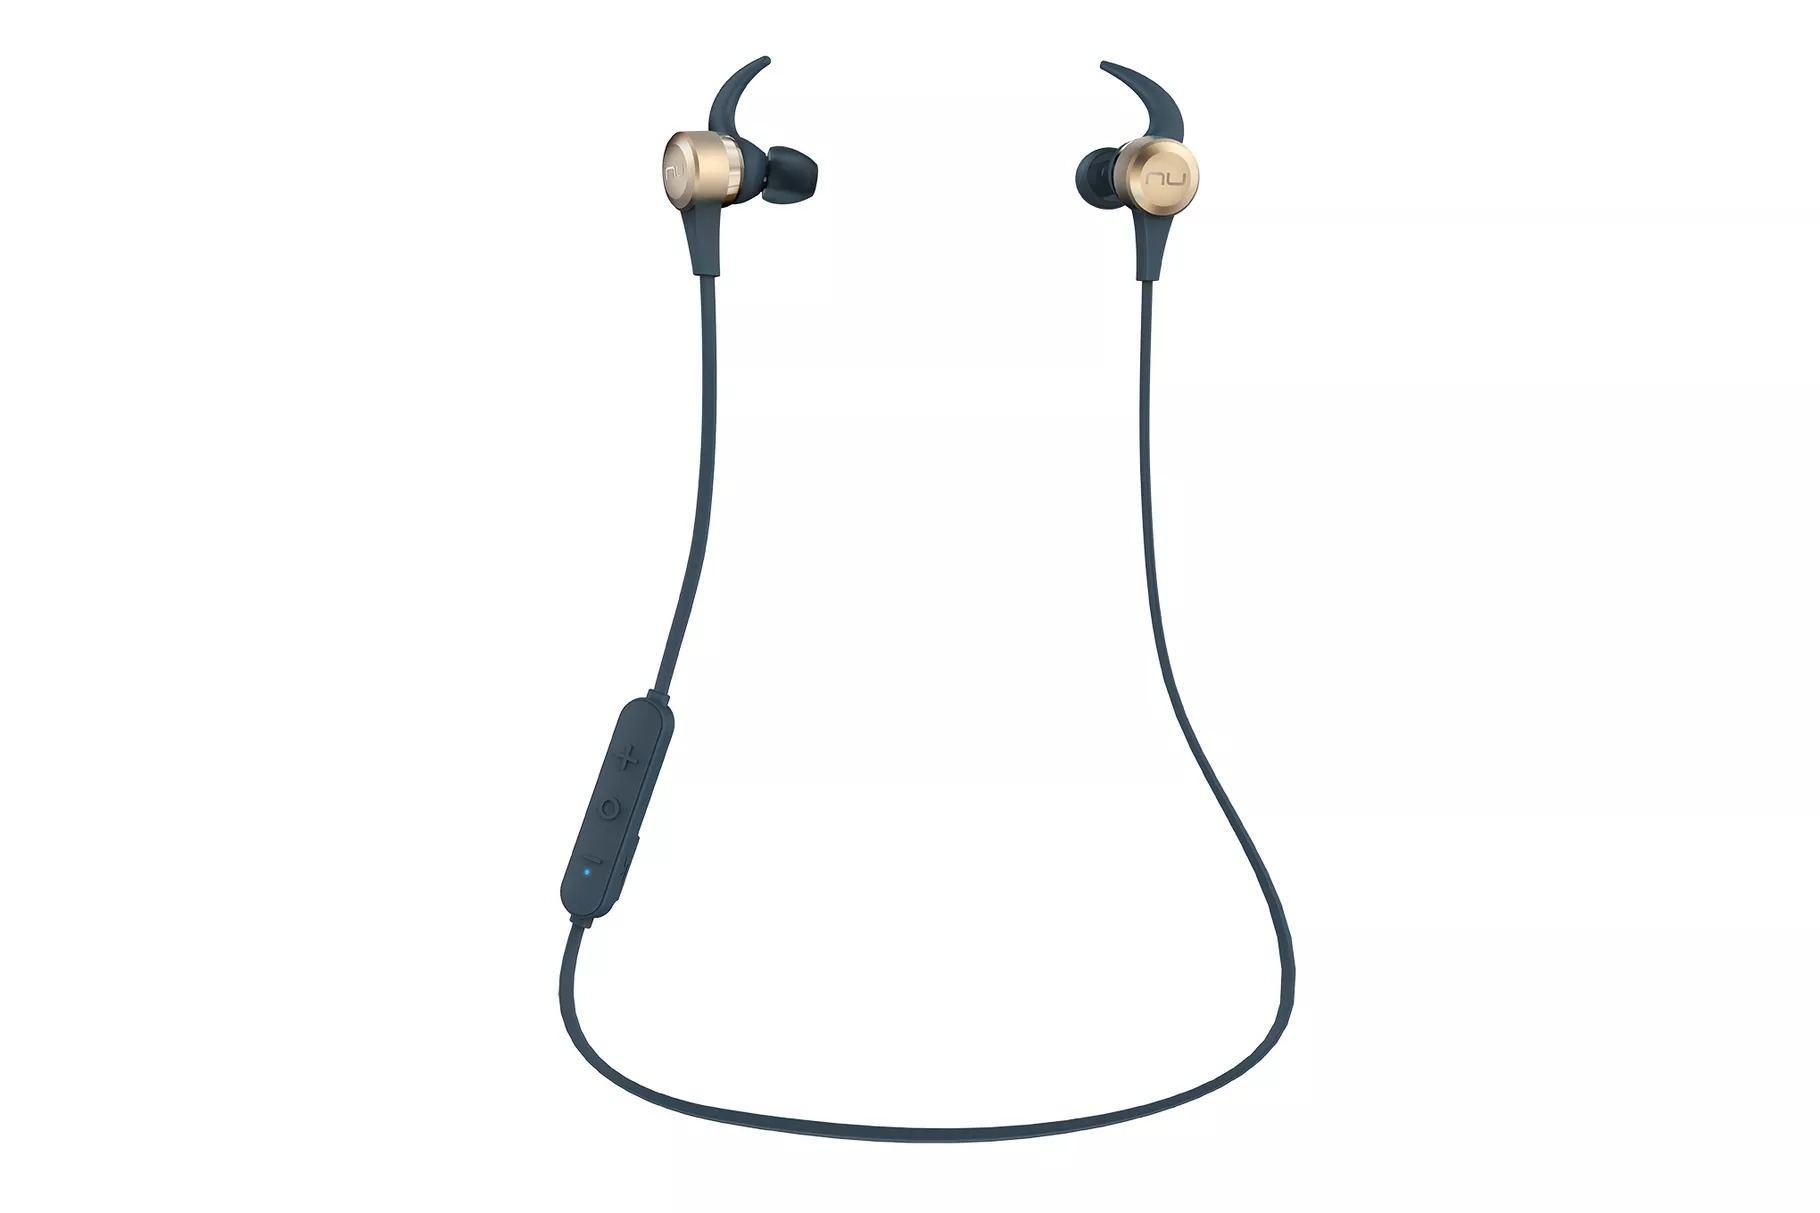 Optoma'dan tere dayanıklı, uygun fiyatlı Bluetooth kulaklık: Nuforce Be Live5